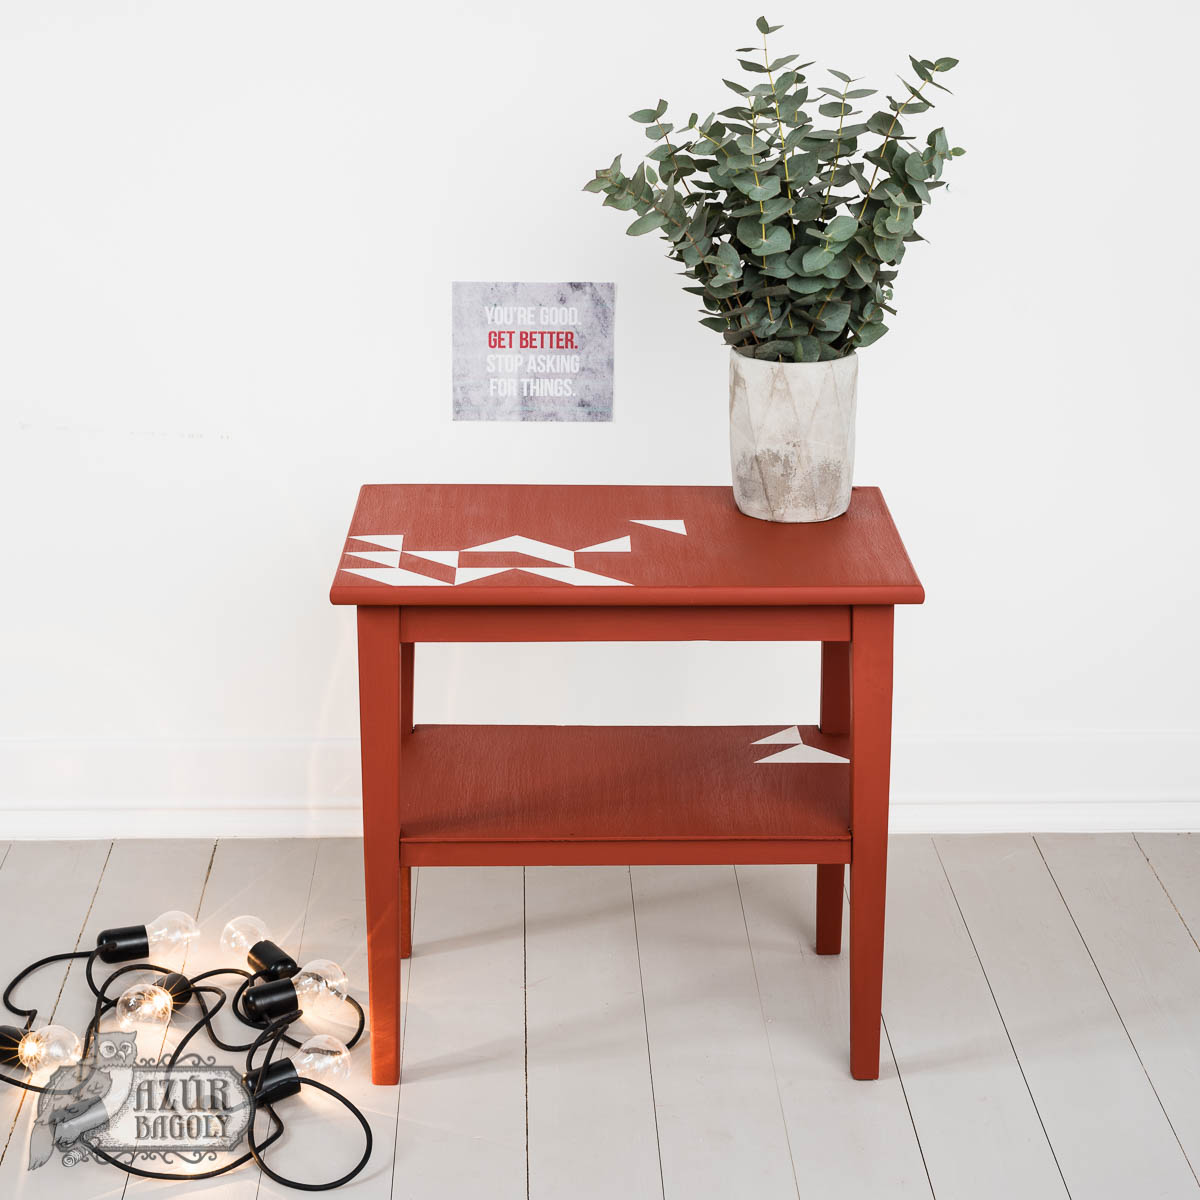 bútorfestés – bútorfelújítás – fiatalos, modern, friss – Azúr Bagoly Tejfesték